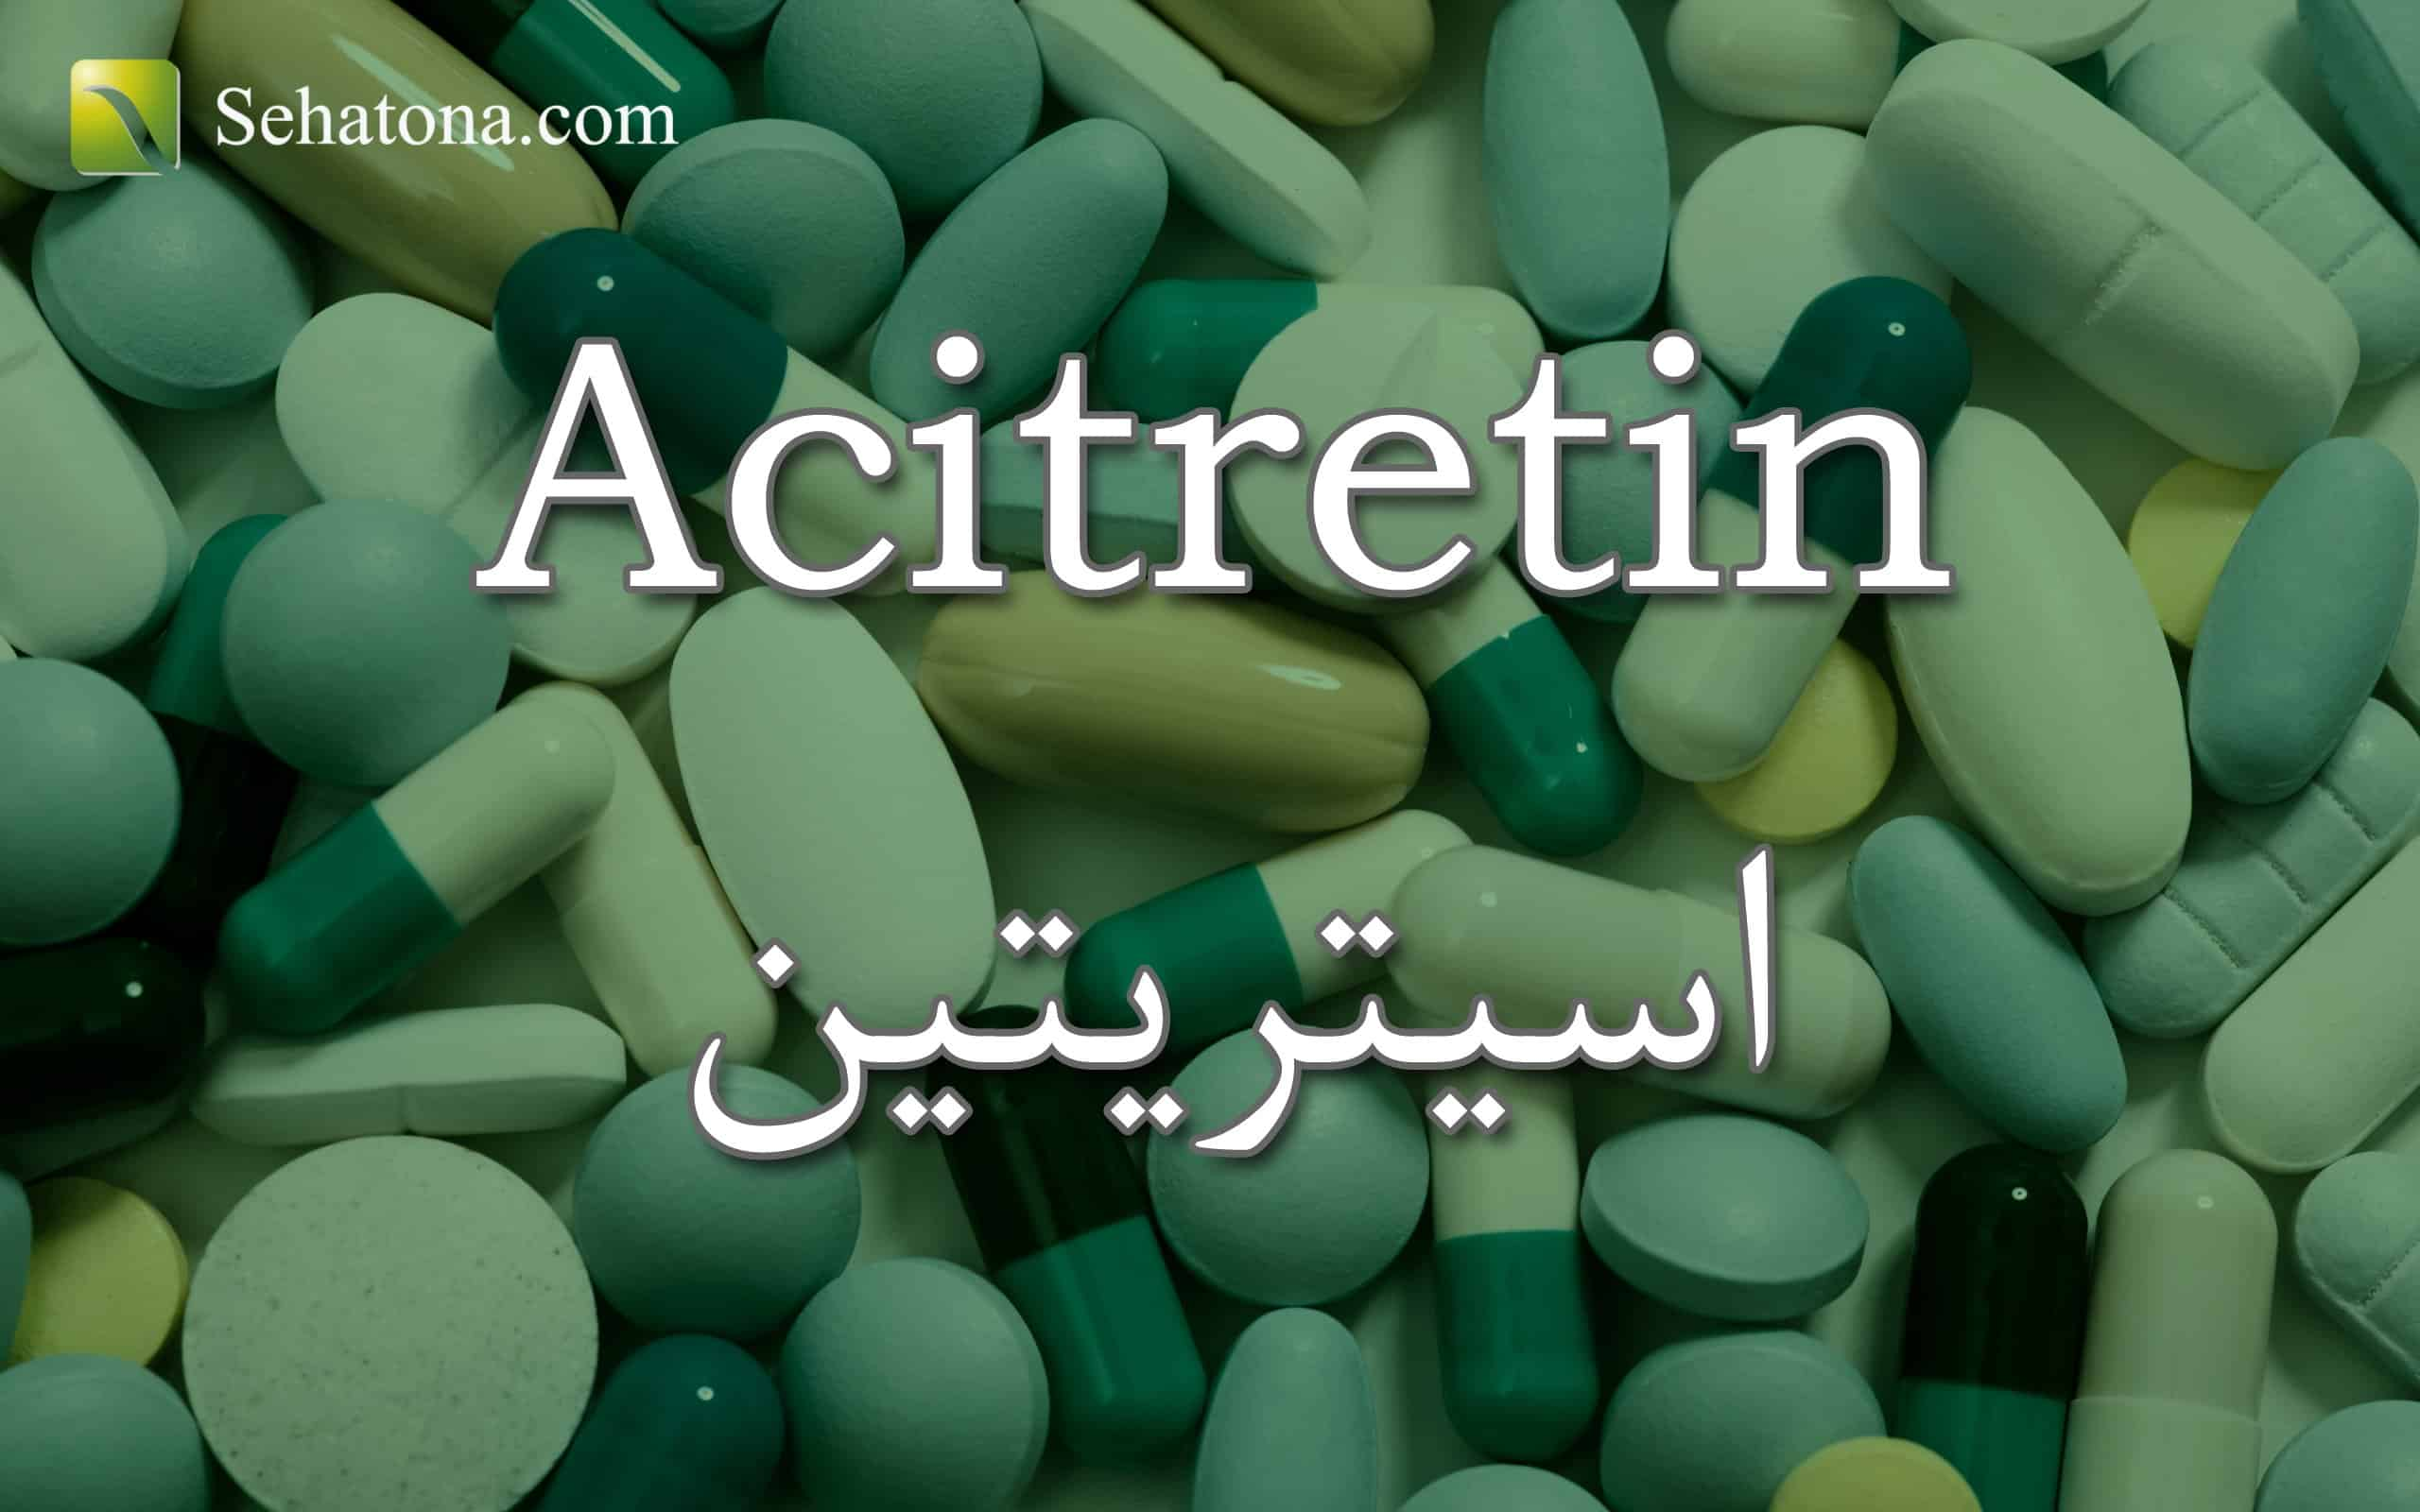 Acitretin